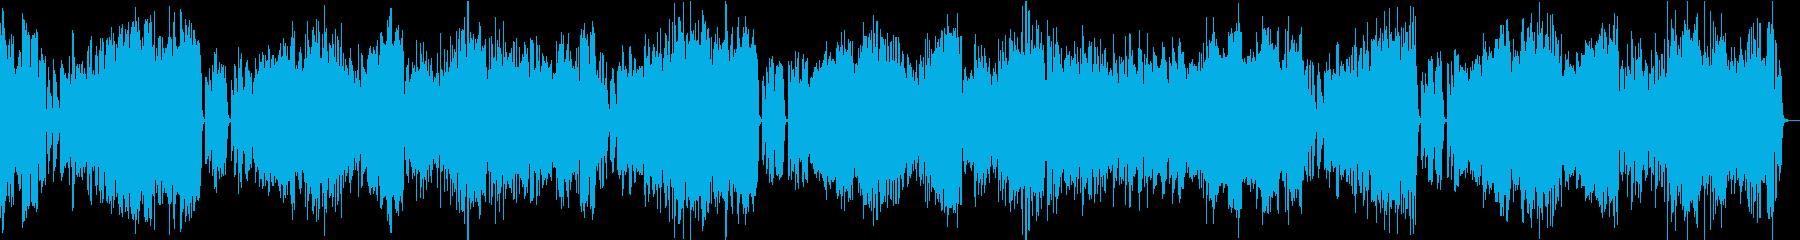 ベートーベン/バイオリンソナタ8–1の再生済みの波形